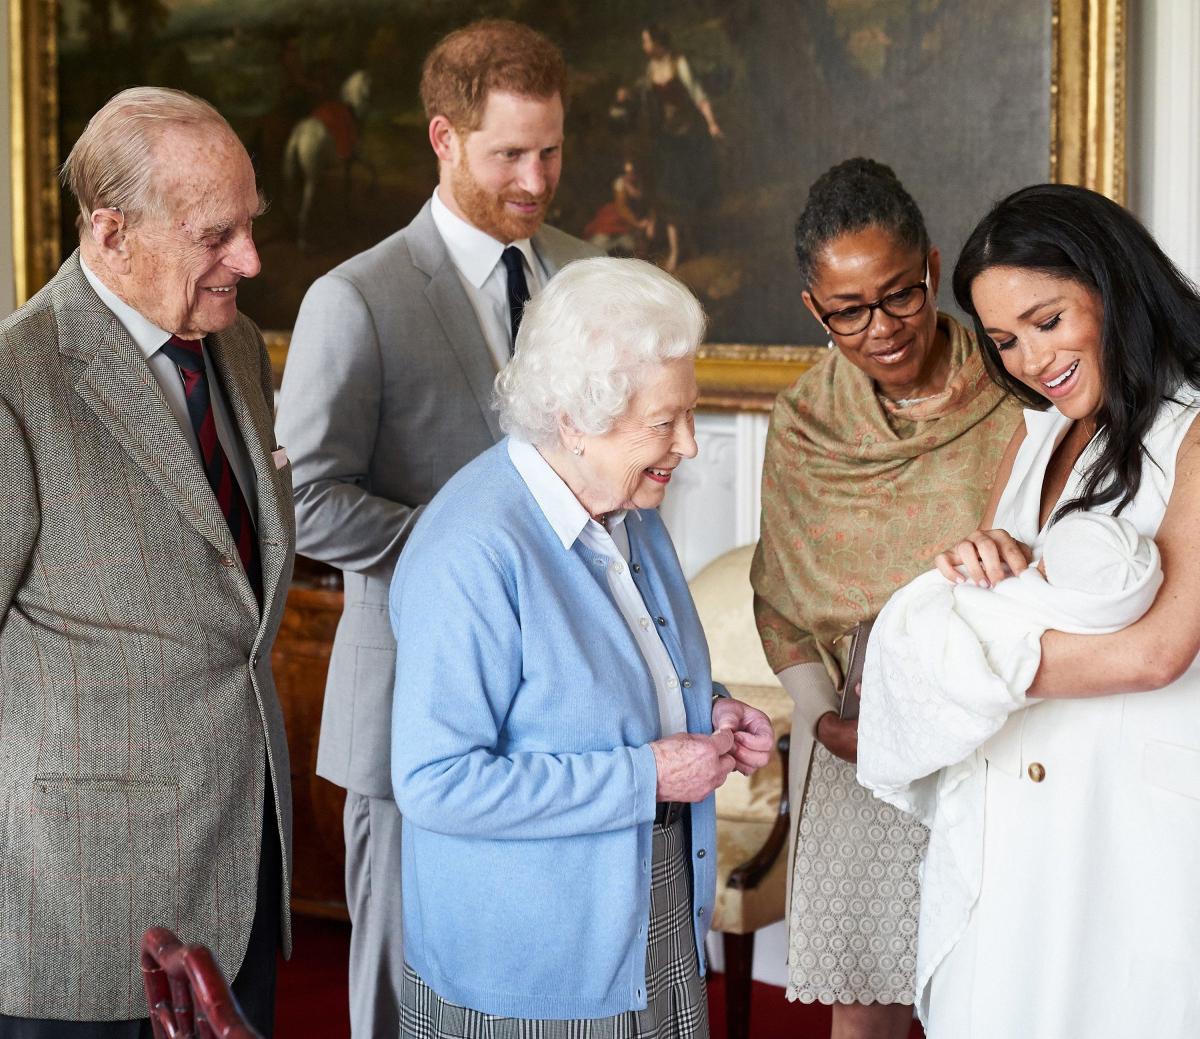 エリザベス女王&フィリップ殿下とアーチーのご対面には、メーガン妃の母ドリア・ラドランも同席